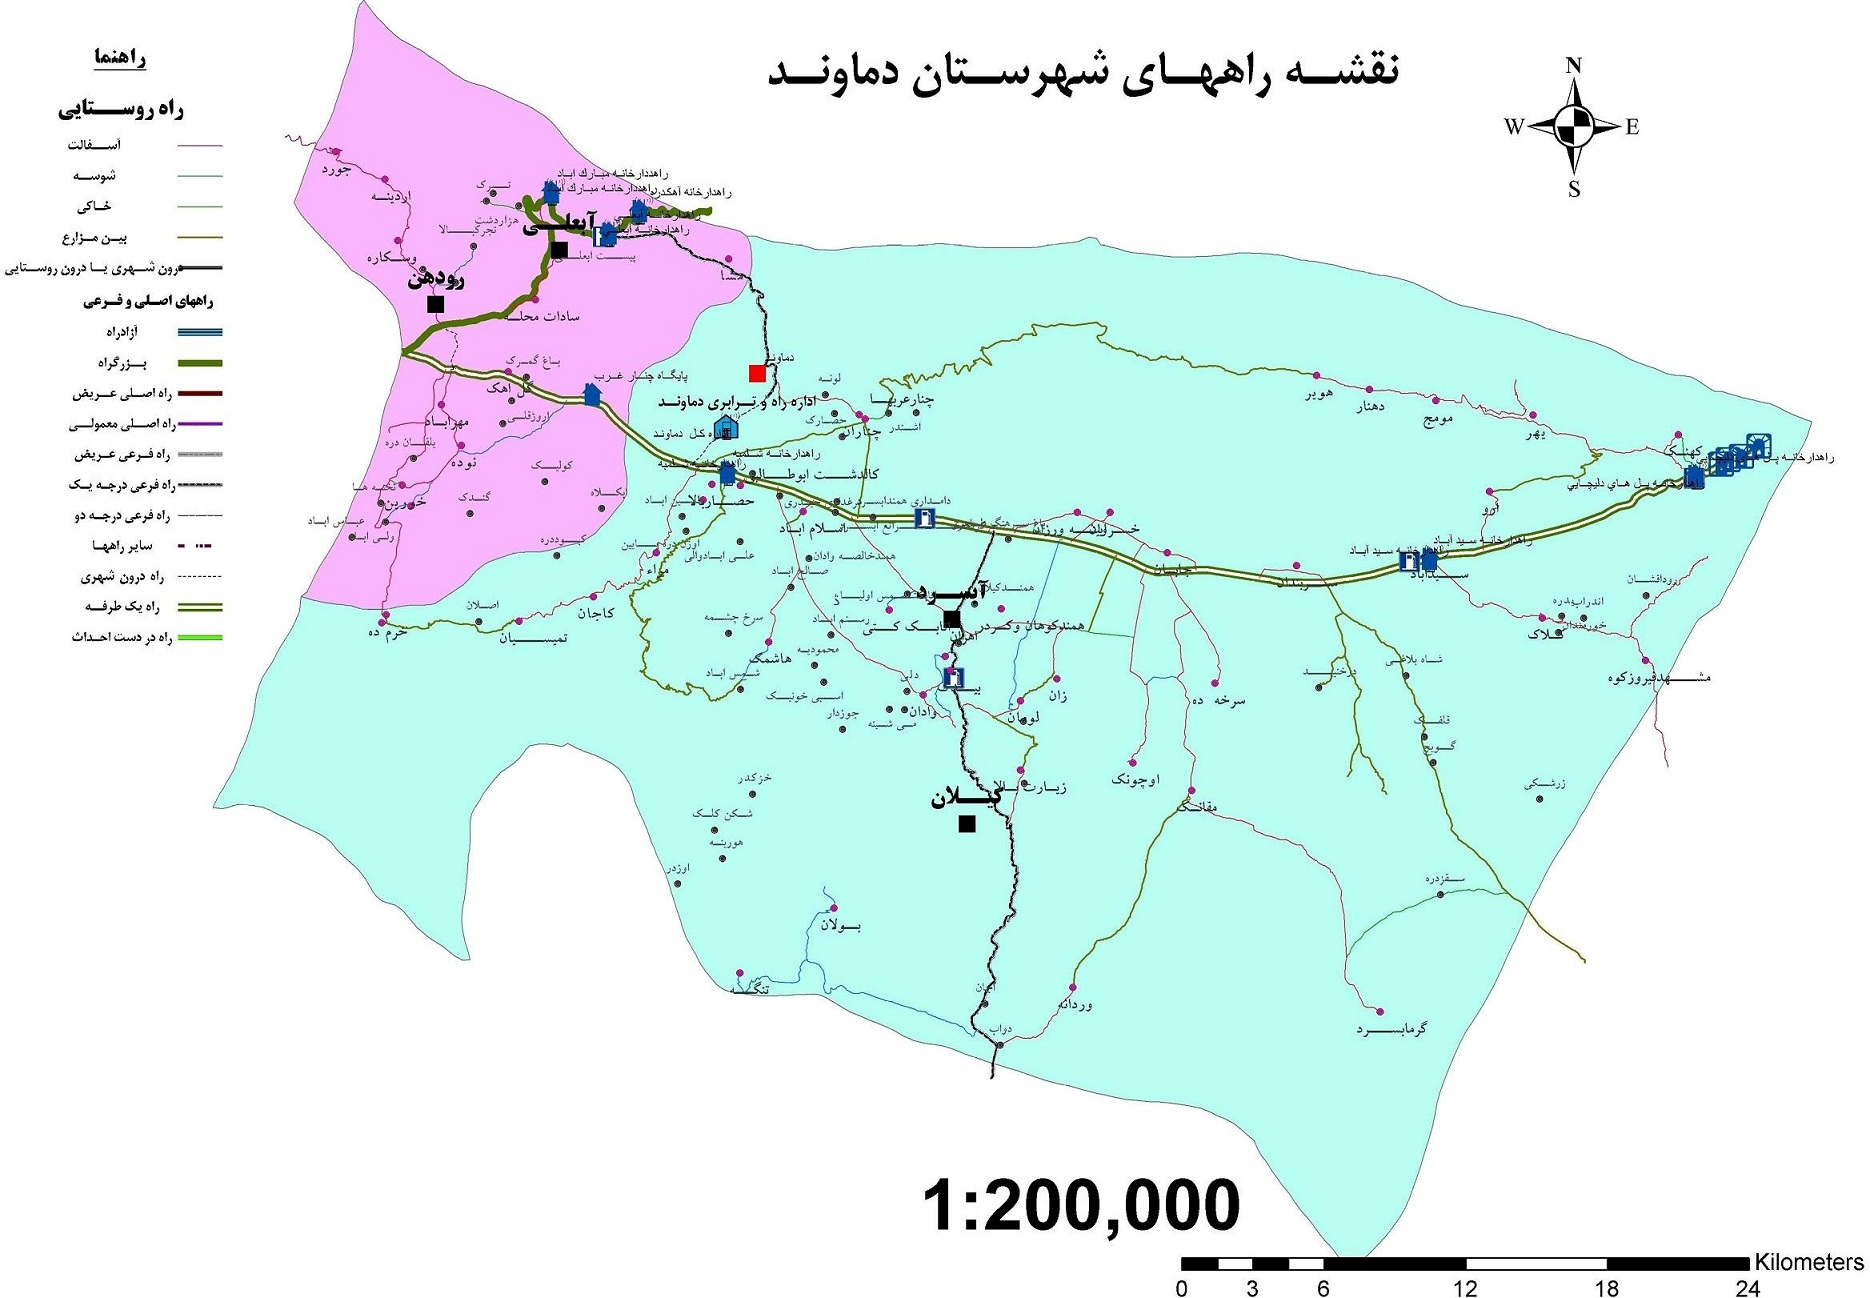 نقشه راه دماوند